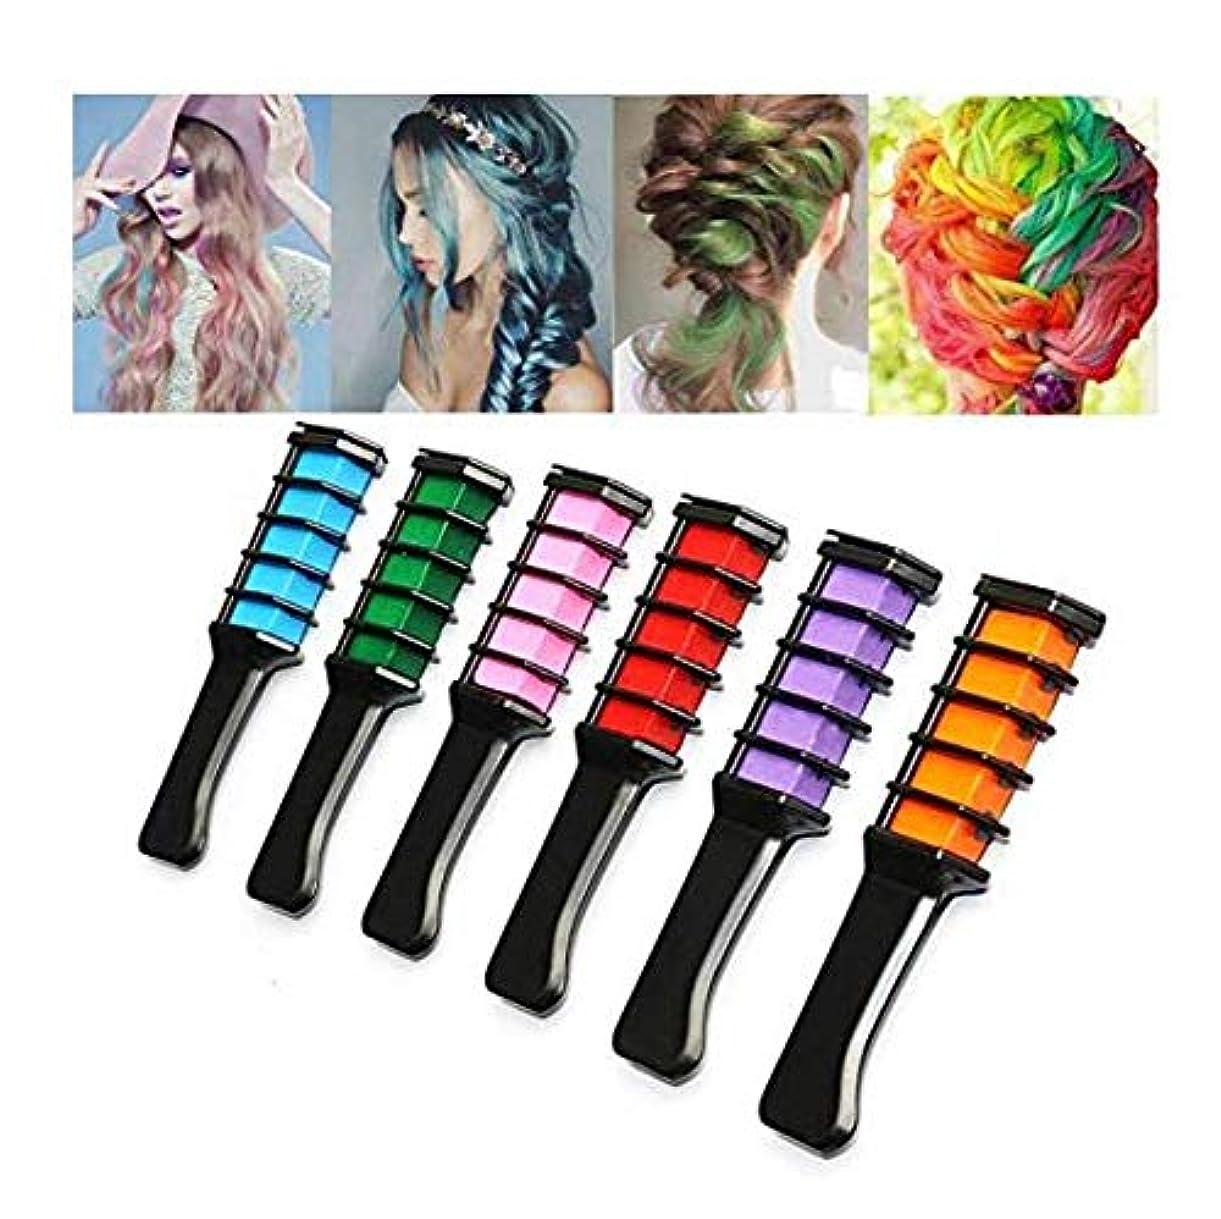 挨拶物理的にブラケット6色のヘアチョークコーム一時的なヘアカラークリームはすべての髪の色で動作しますDIYパーティーコスプレハロウィン